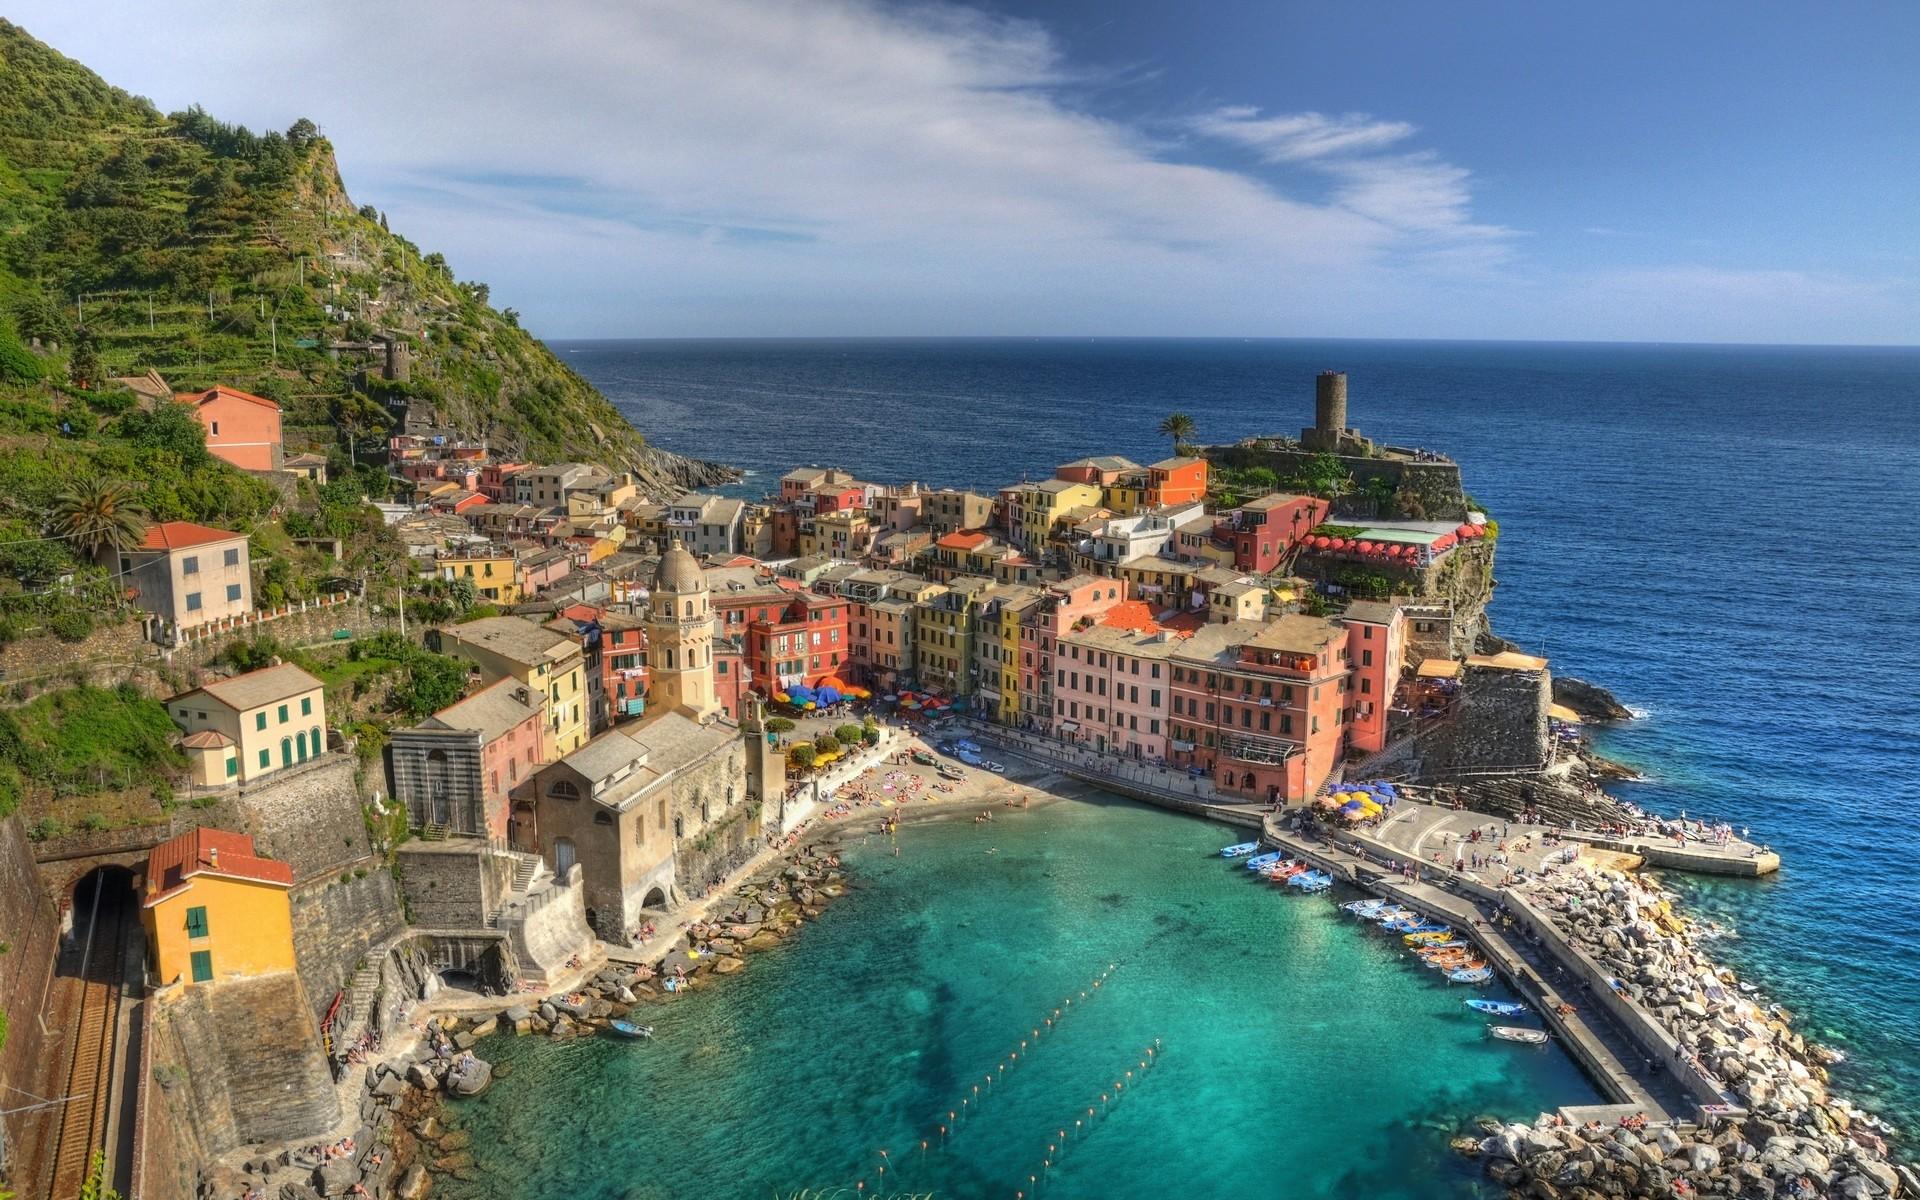 Sea Italy Wallpaper 1920x1200 Sea Italy Cities LaSpezia 1920x1200